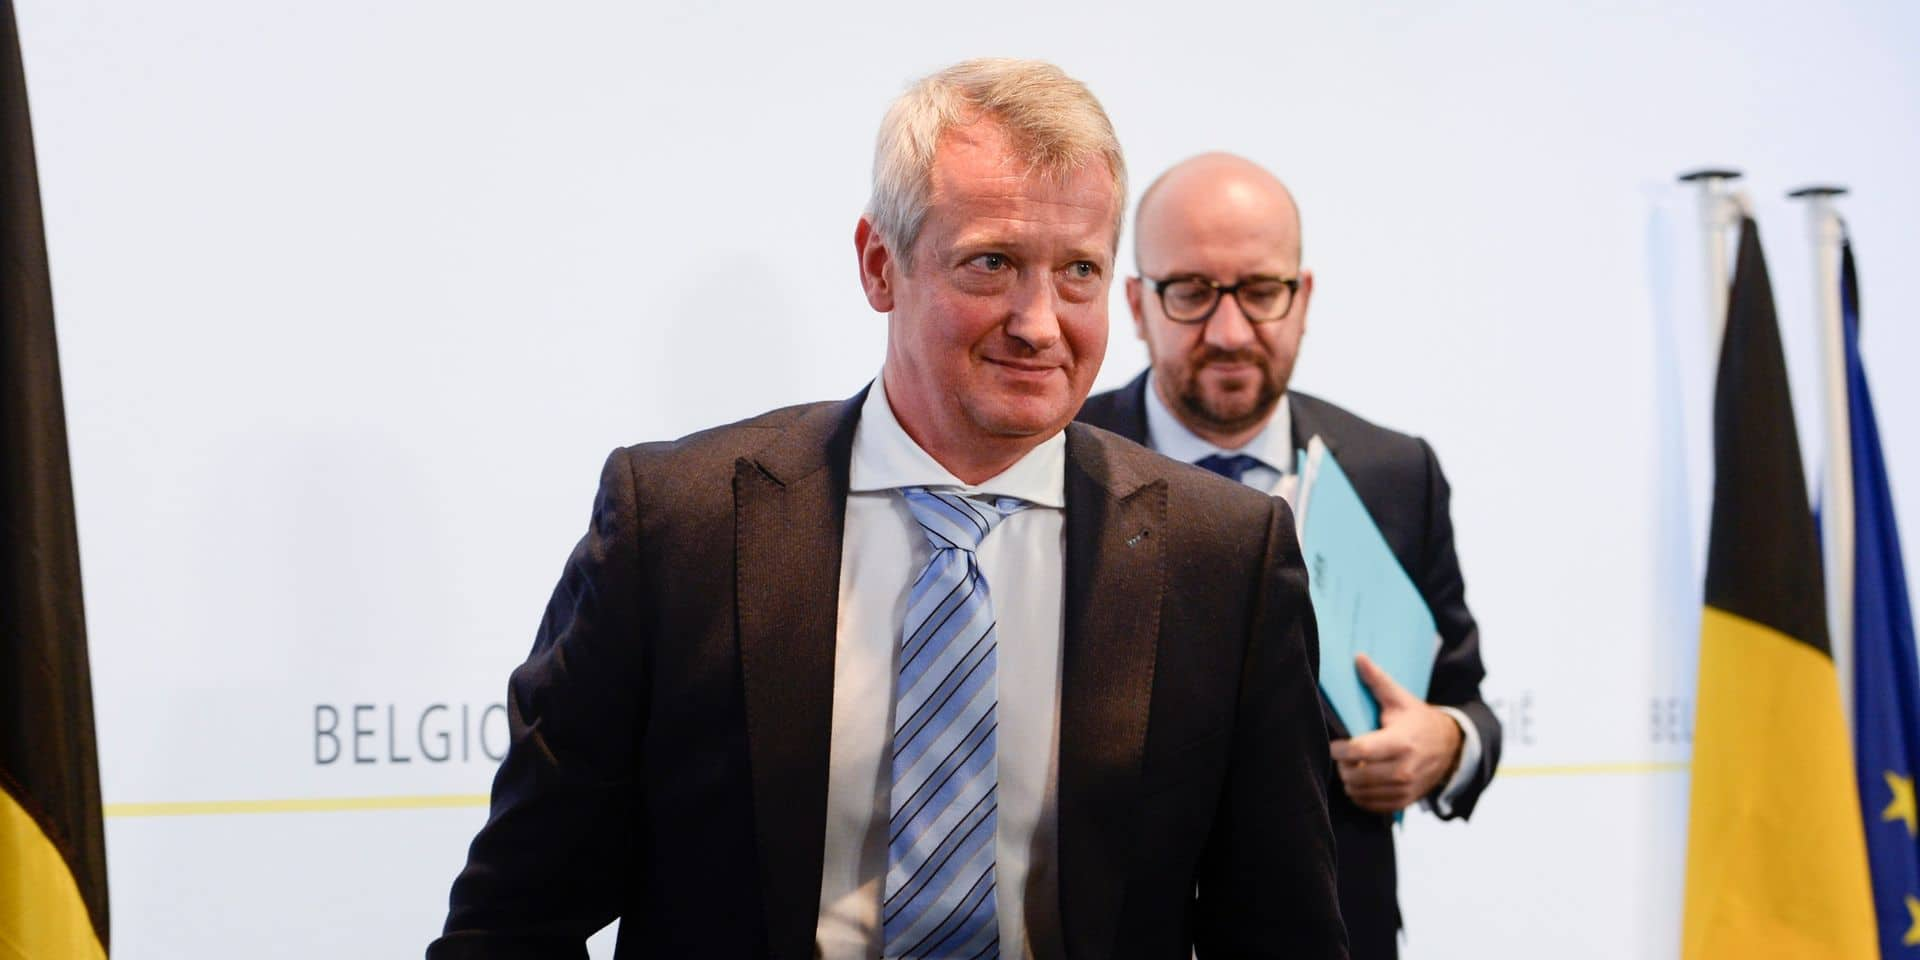 Miguel De Bruycker, le directeur du Centre pour la cybersécurité Belgique (CCB), précède le pas à l'ex-Premier ministre, Charles Michel.